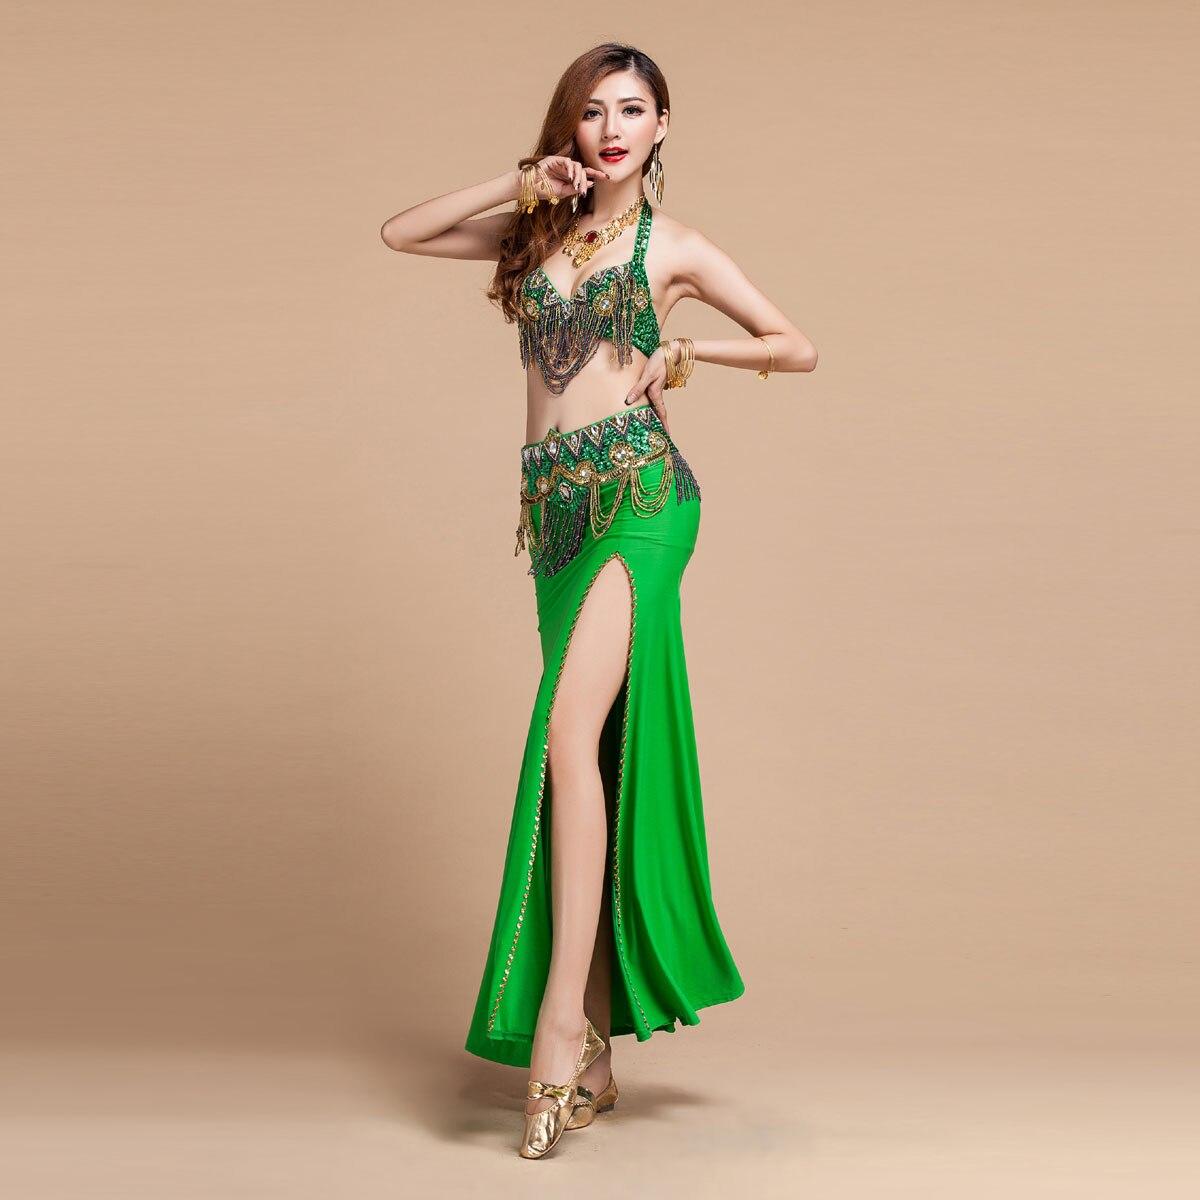 Venda quente vermelho/rosa/roxo/verde conjuntos de 3 Peças de Dança Do Ventre (bra + cinto + Saia) Traje de Dança do ventre Conjunto Pérsia/Egito Trajes Indianos